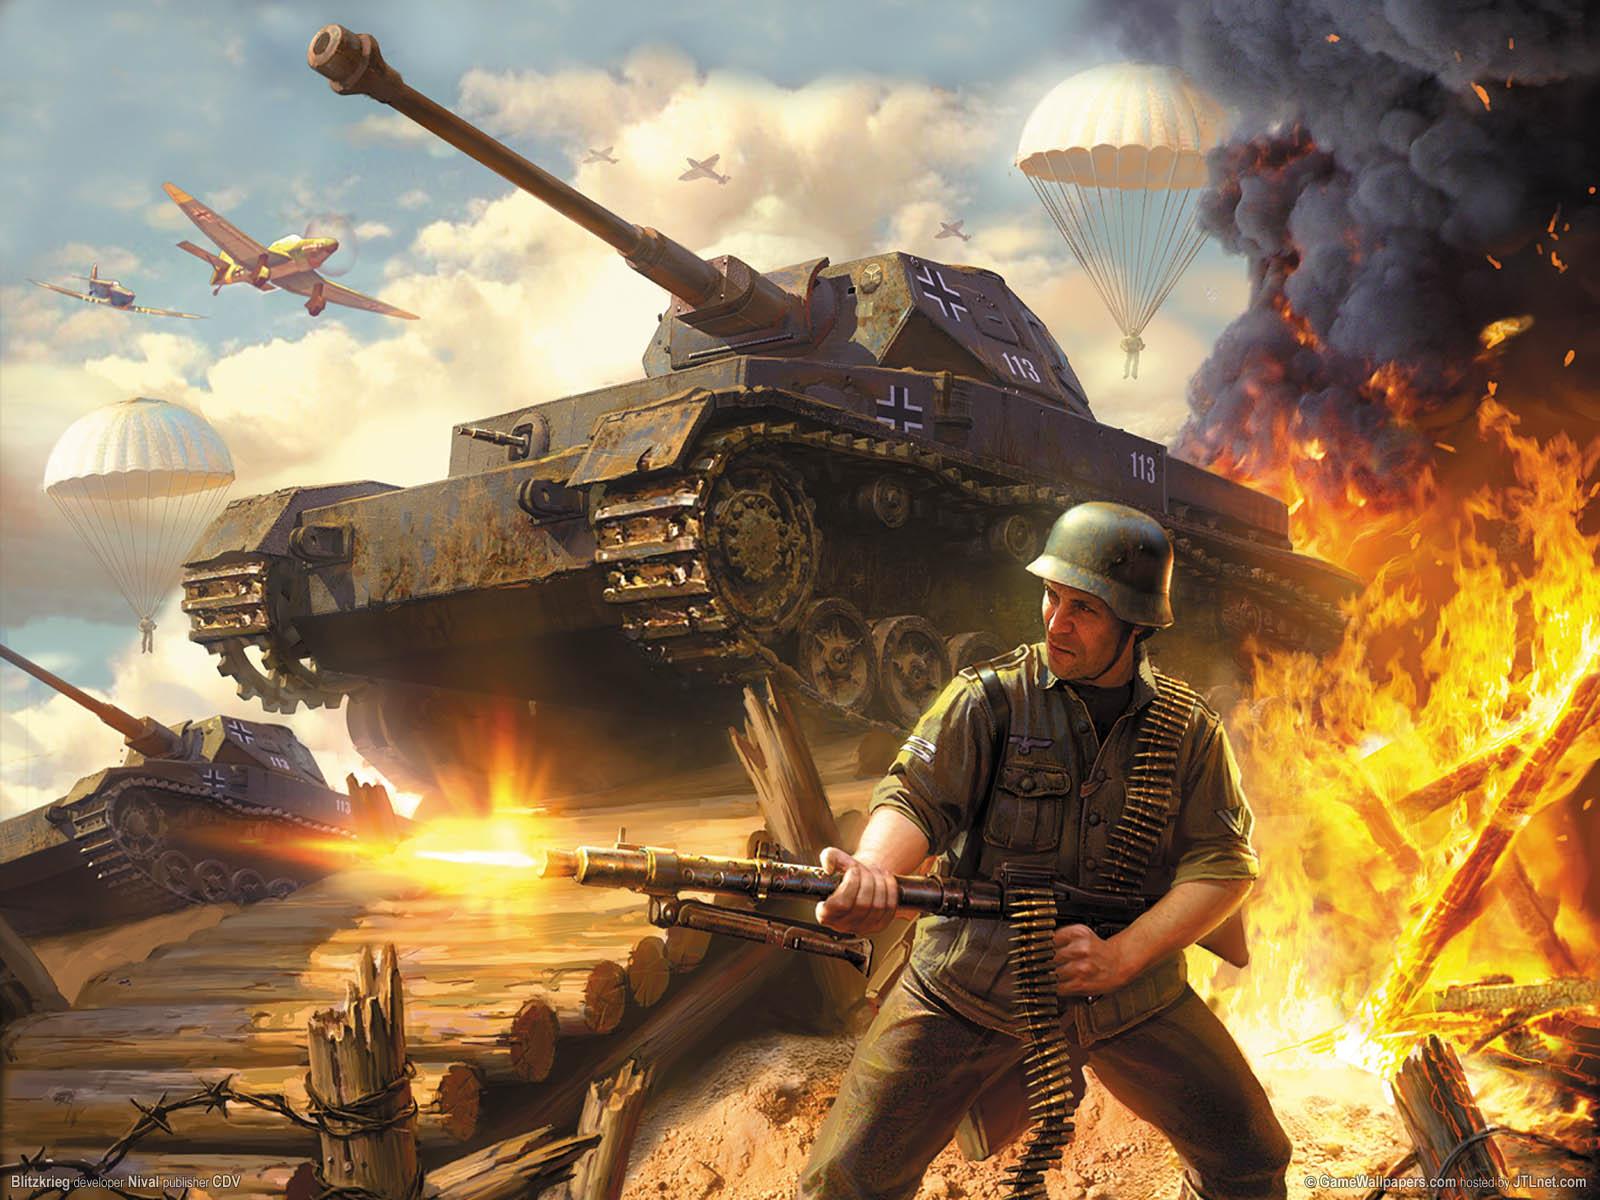 Blitzkrieg wallpaper 01 1600x1200